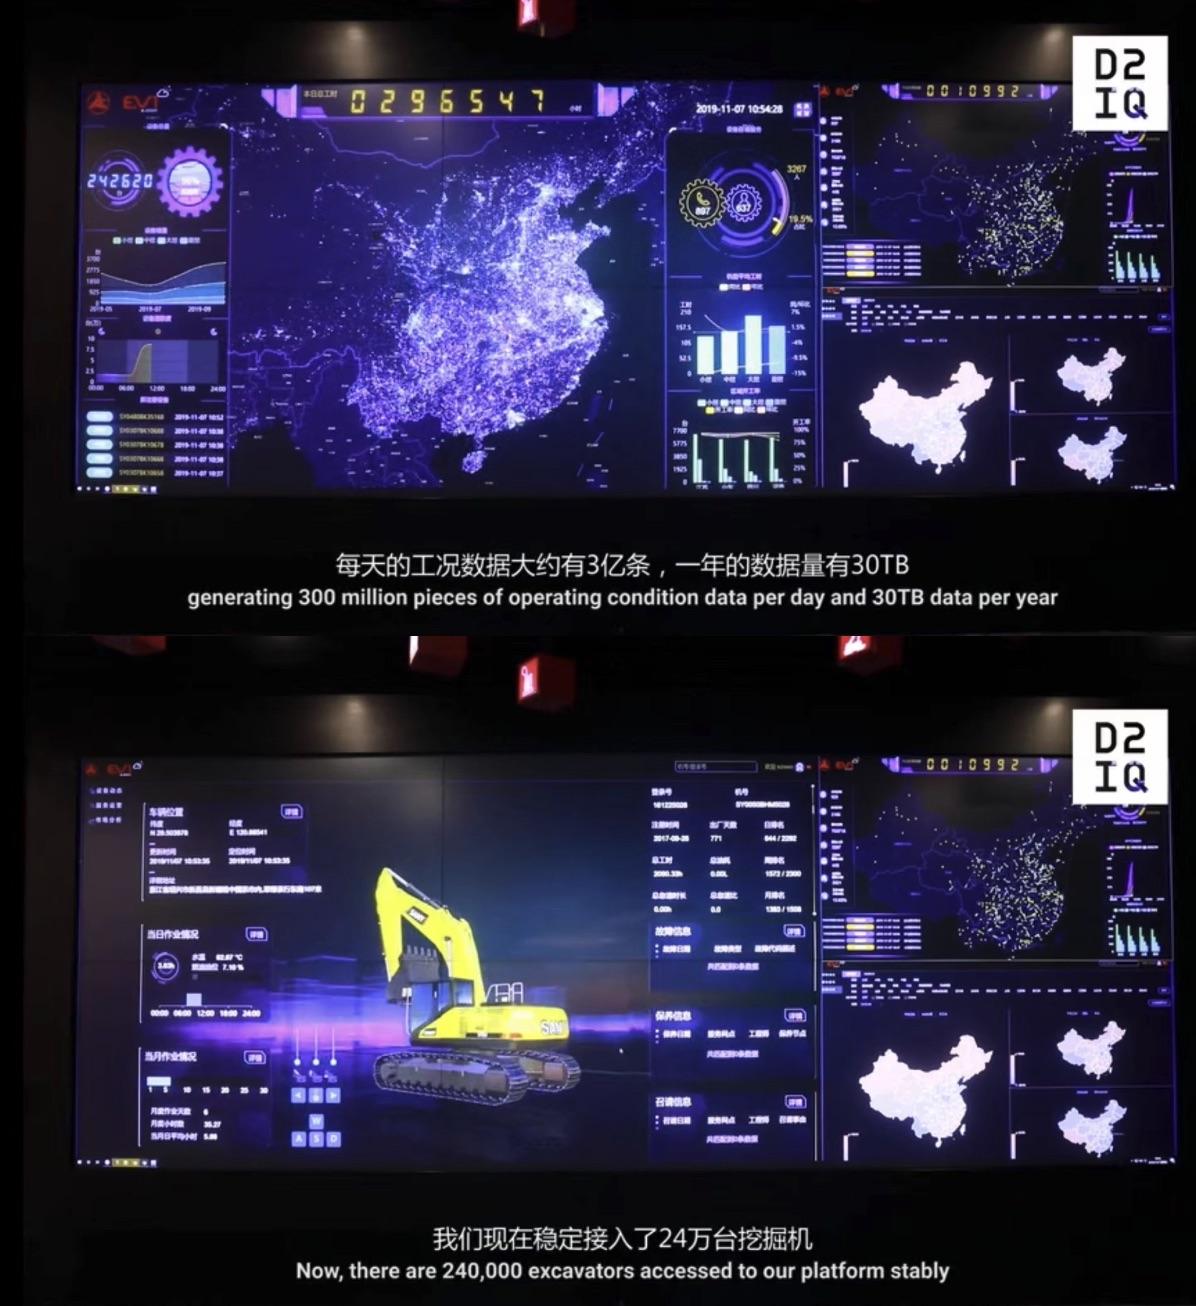 Screen Shot 2020-02-09 at 12.56.14 AM